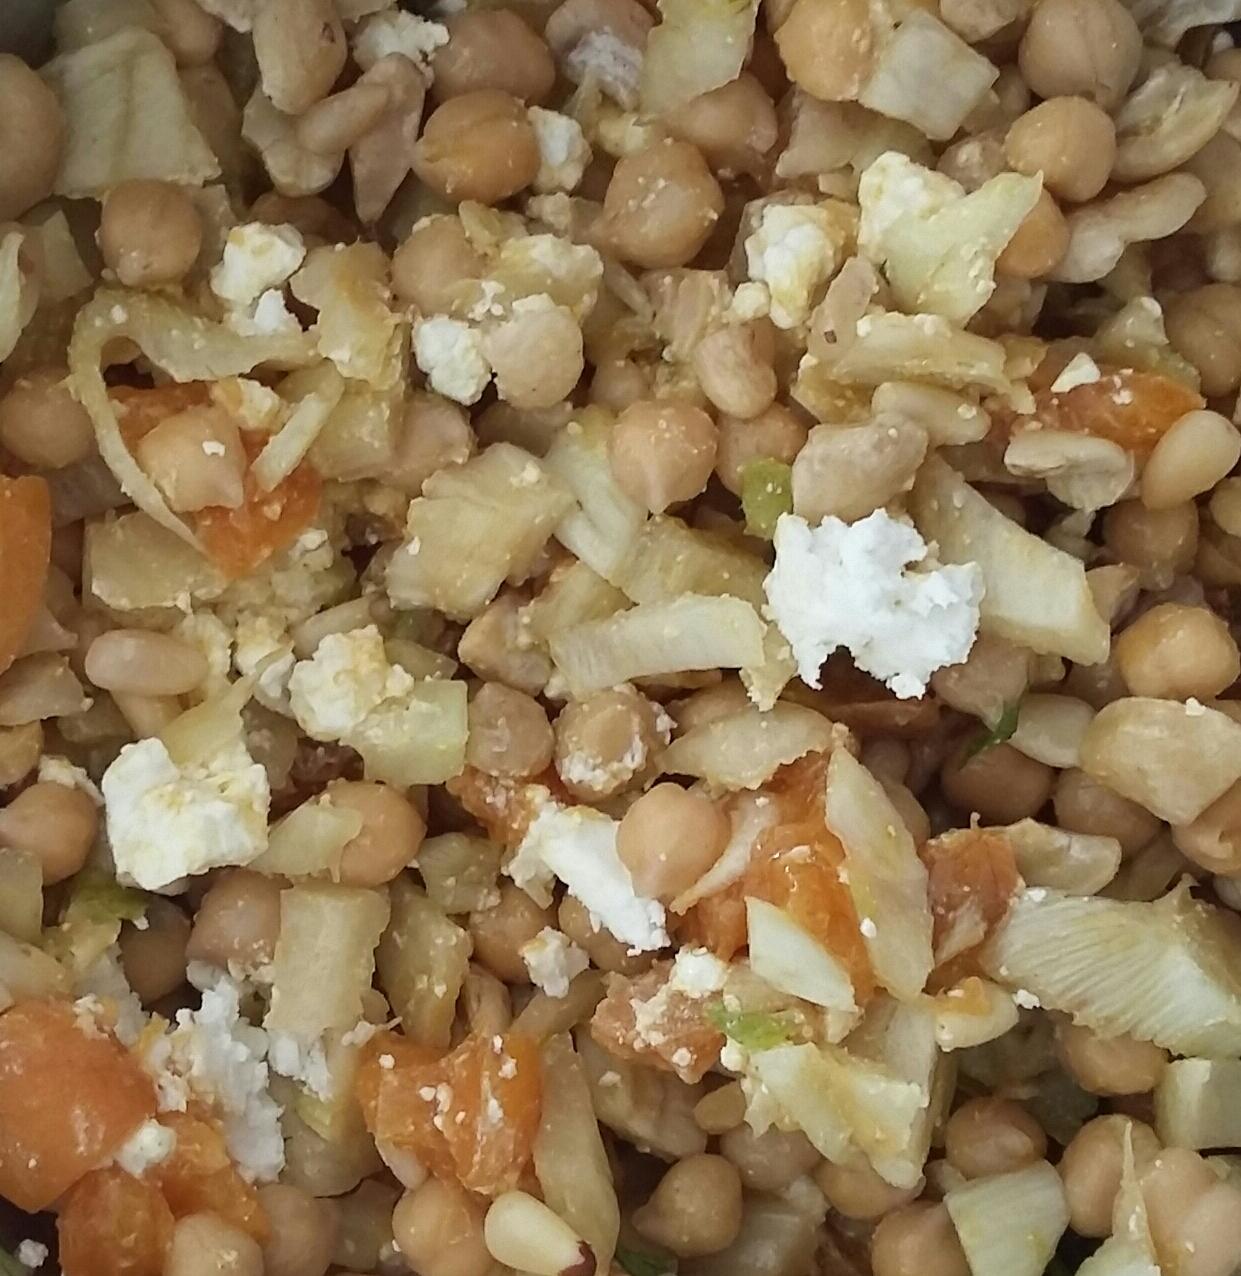 Kichererbsen-Aprikosen-Fenchel-Salat mit Dr. Gabriela Hoppe | Erfolg durch Ernährung | Ernährungsspezialistin & Heilpraktikerin